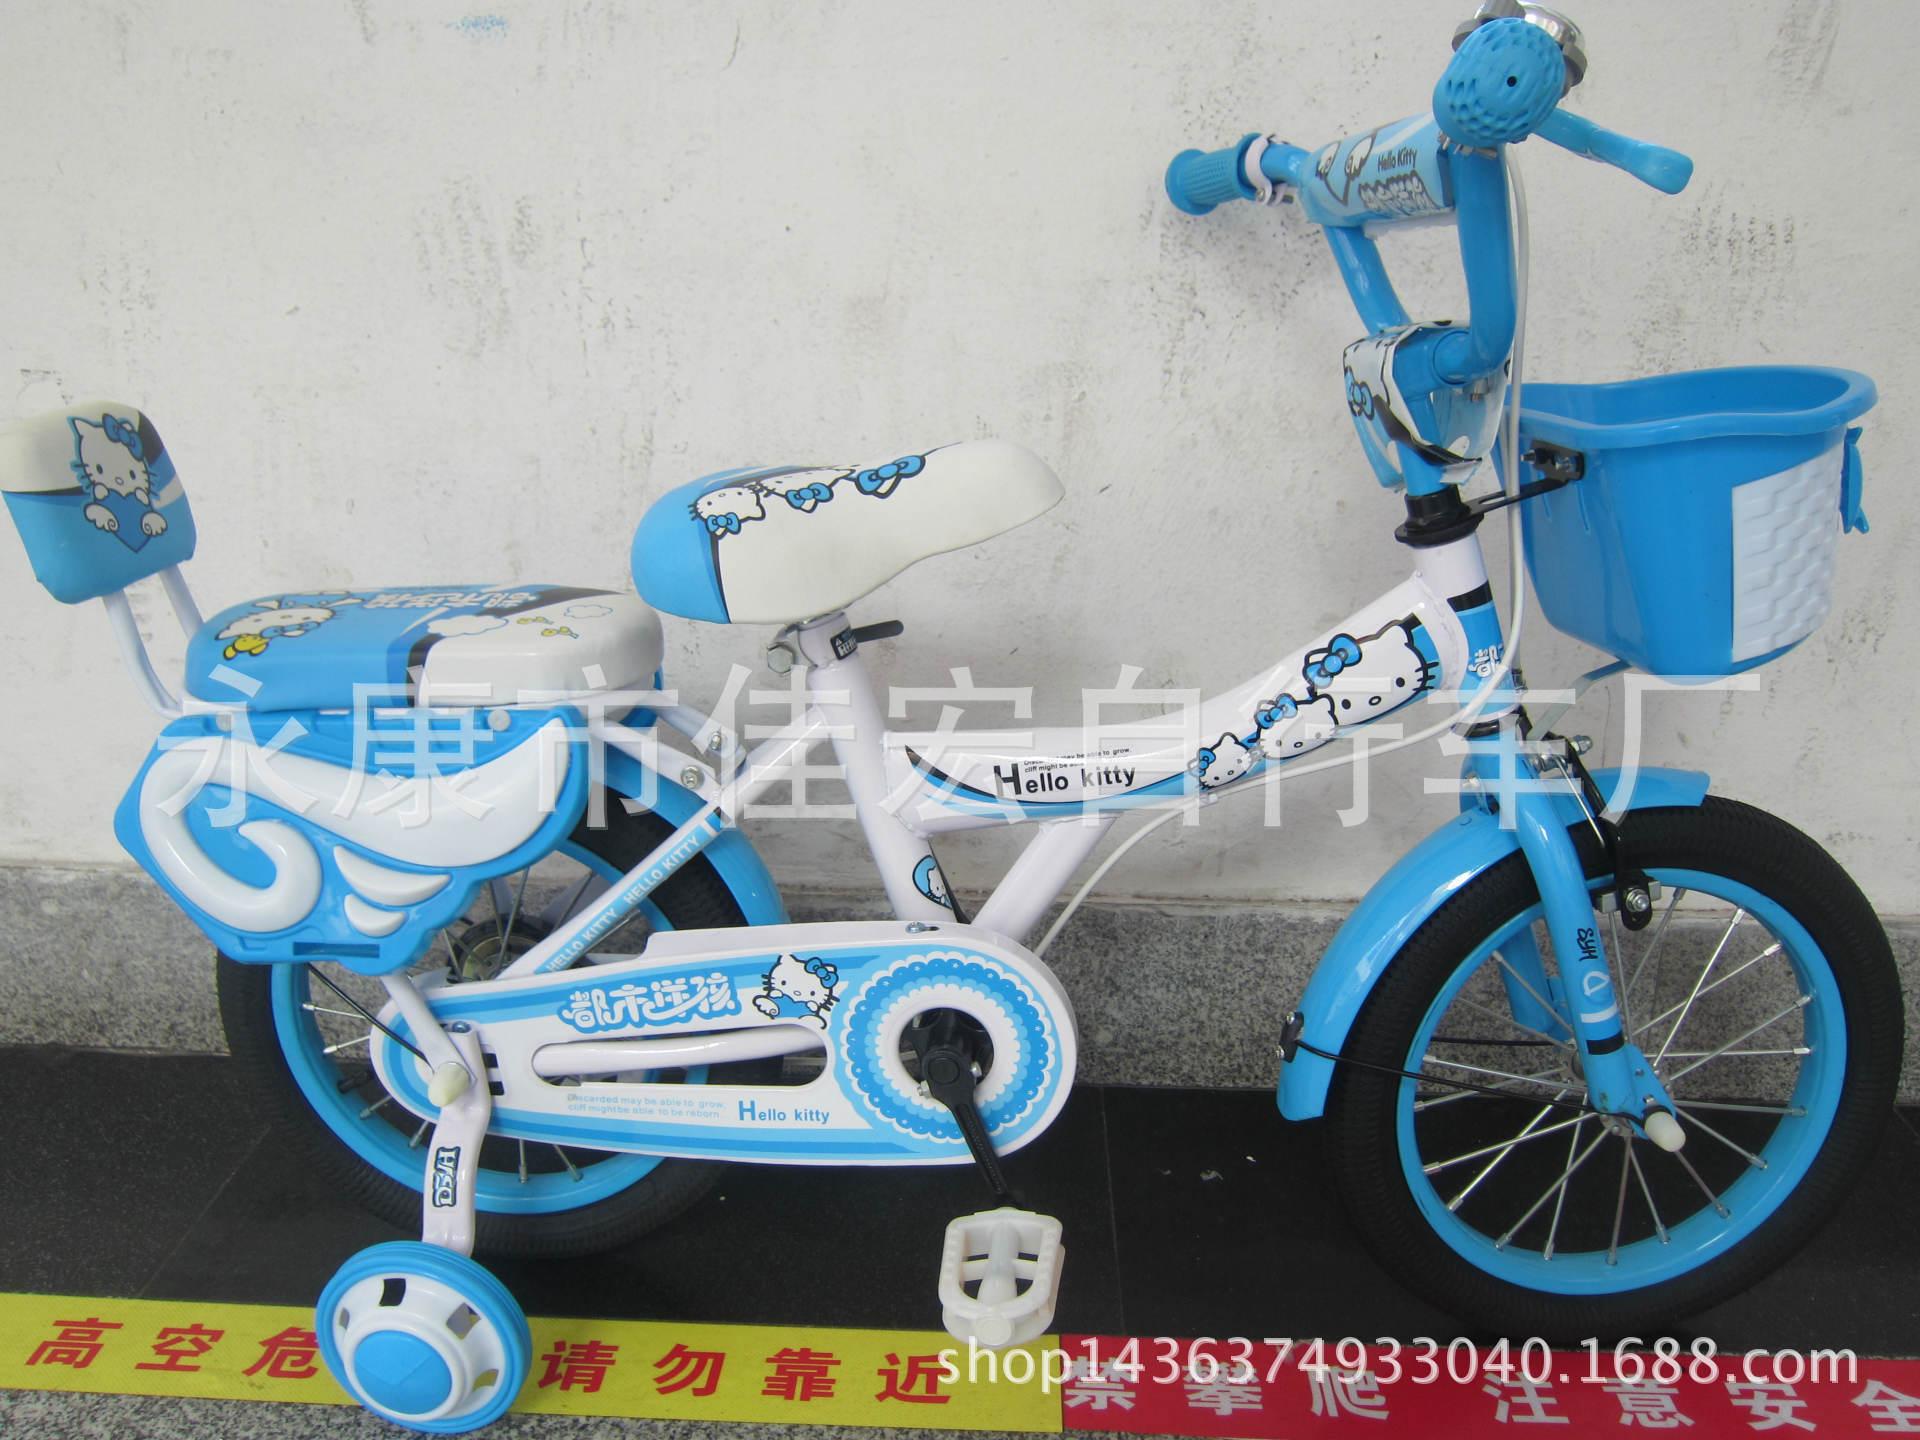 厂家直销 儿童自行车四轮防摔童车 带后座 自行车批发 质优价廉 -儿童图片